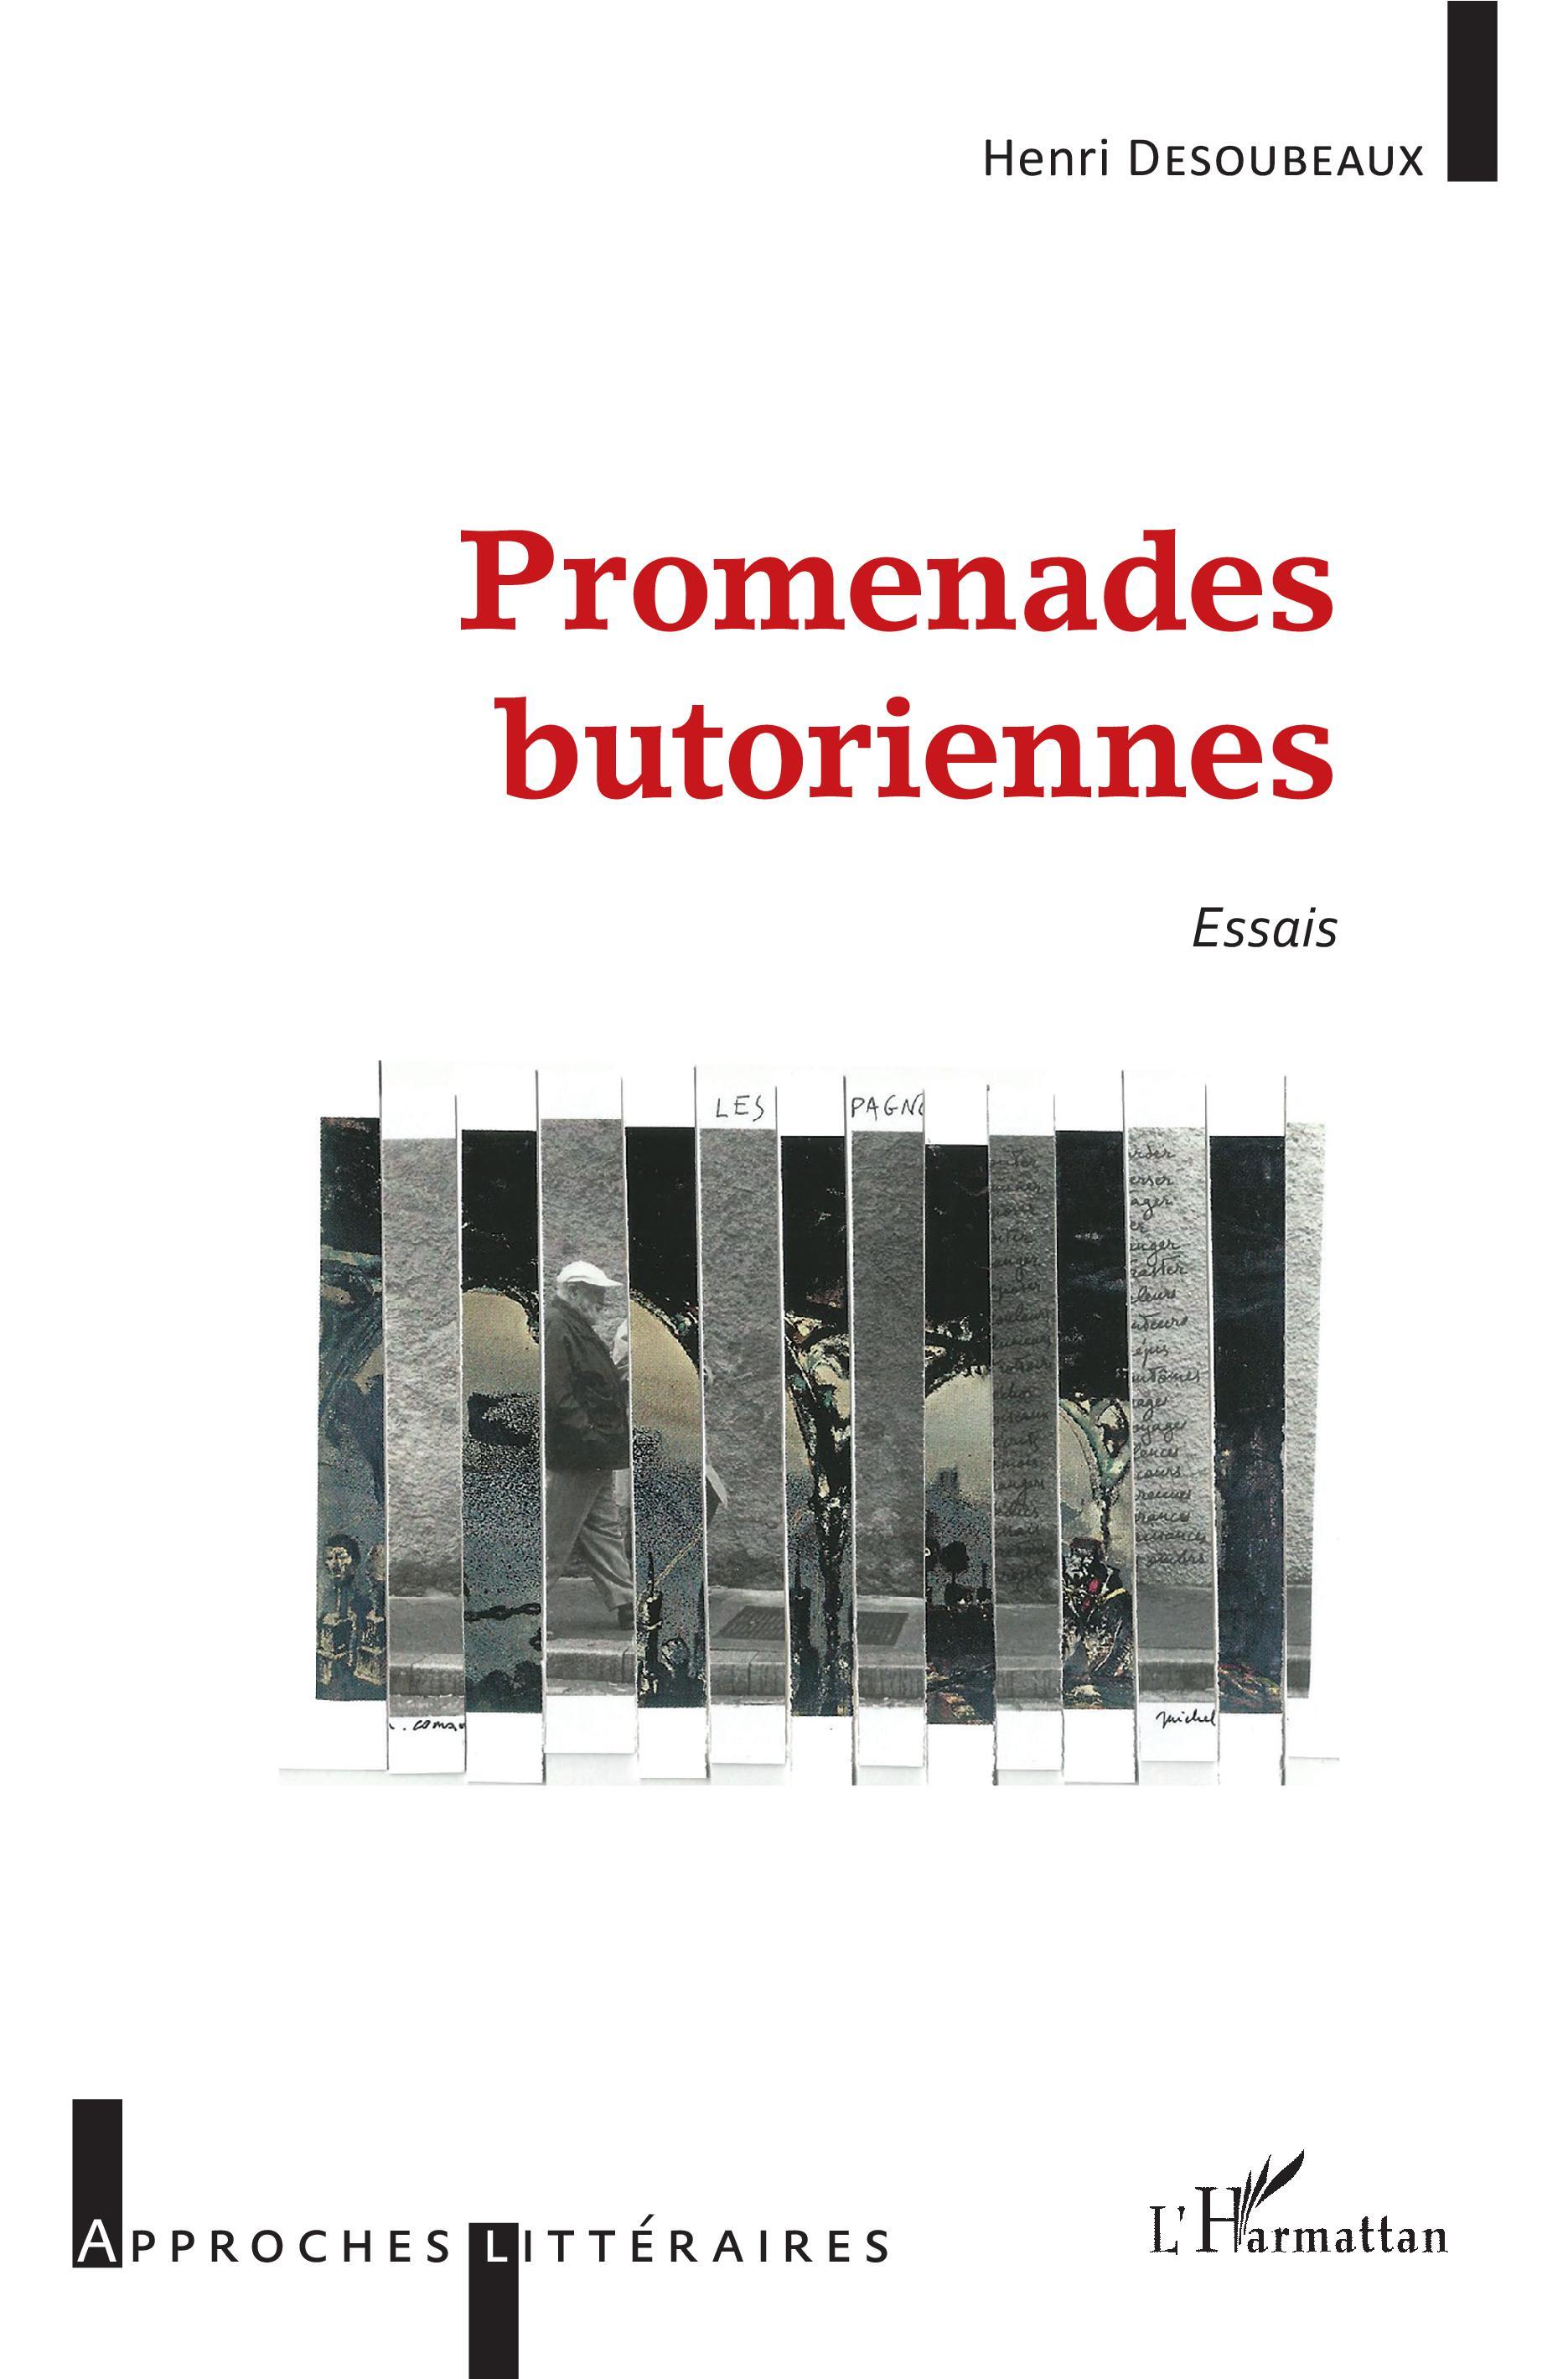 H. Desoubeaux, Promenades butoriennes